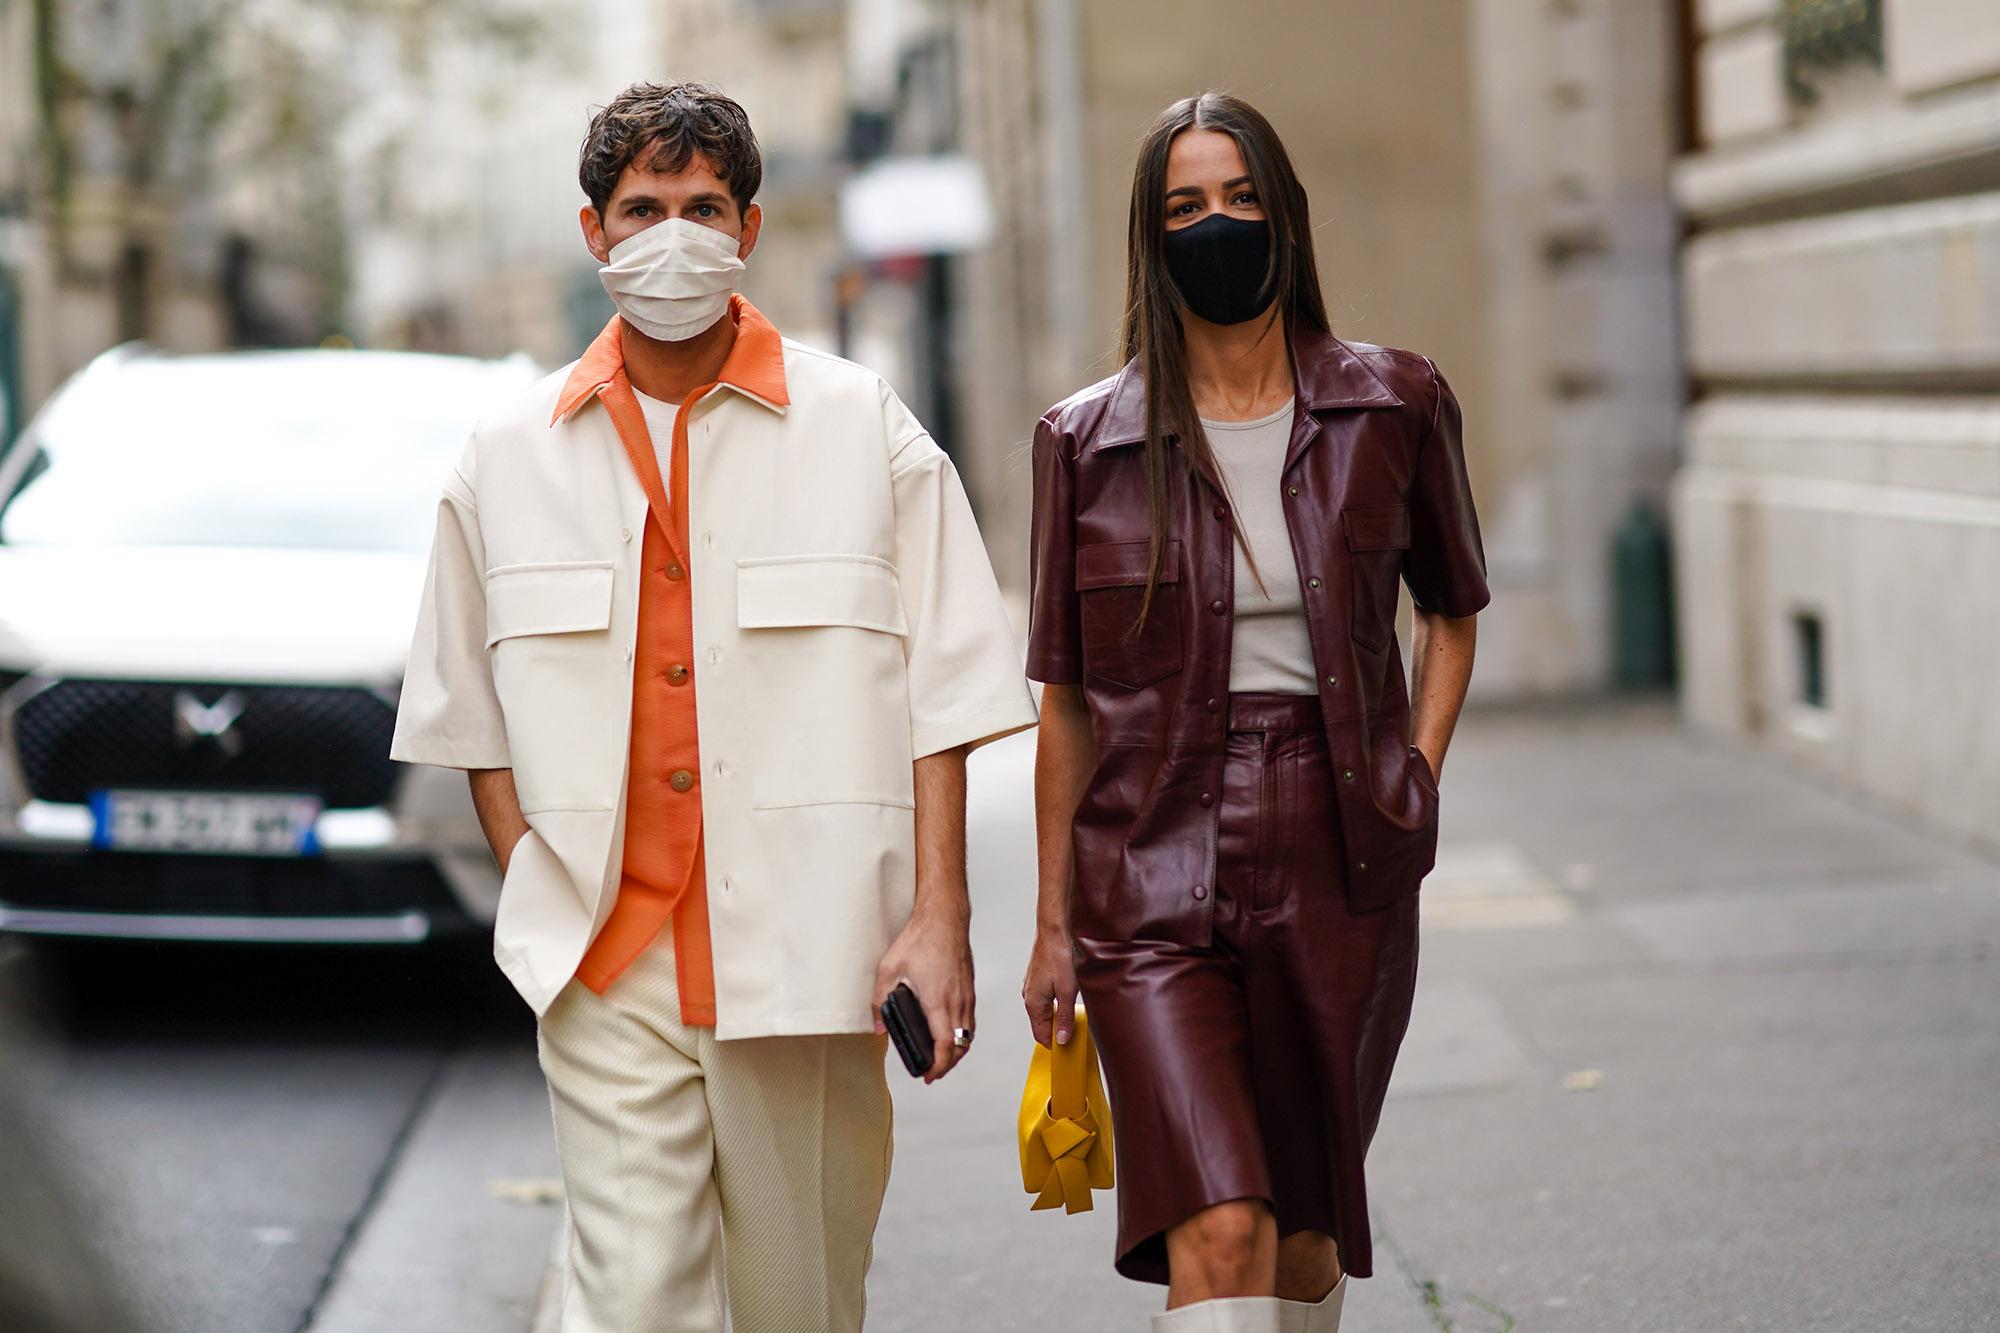 Защитная маска длялица — теперь обязательный атрибут стритстайла